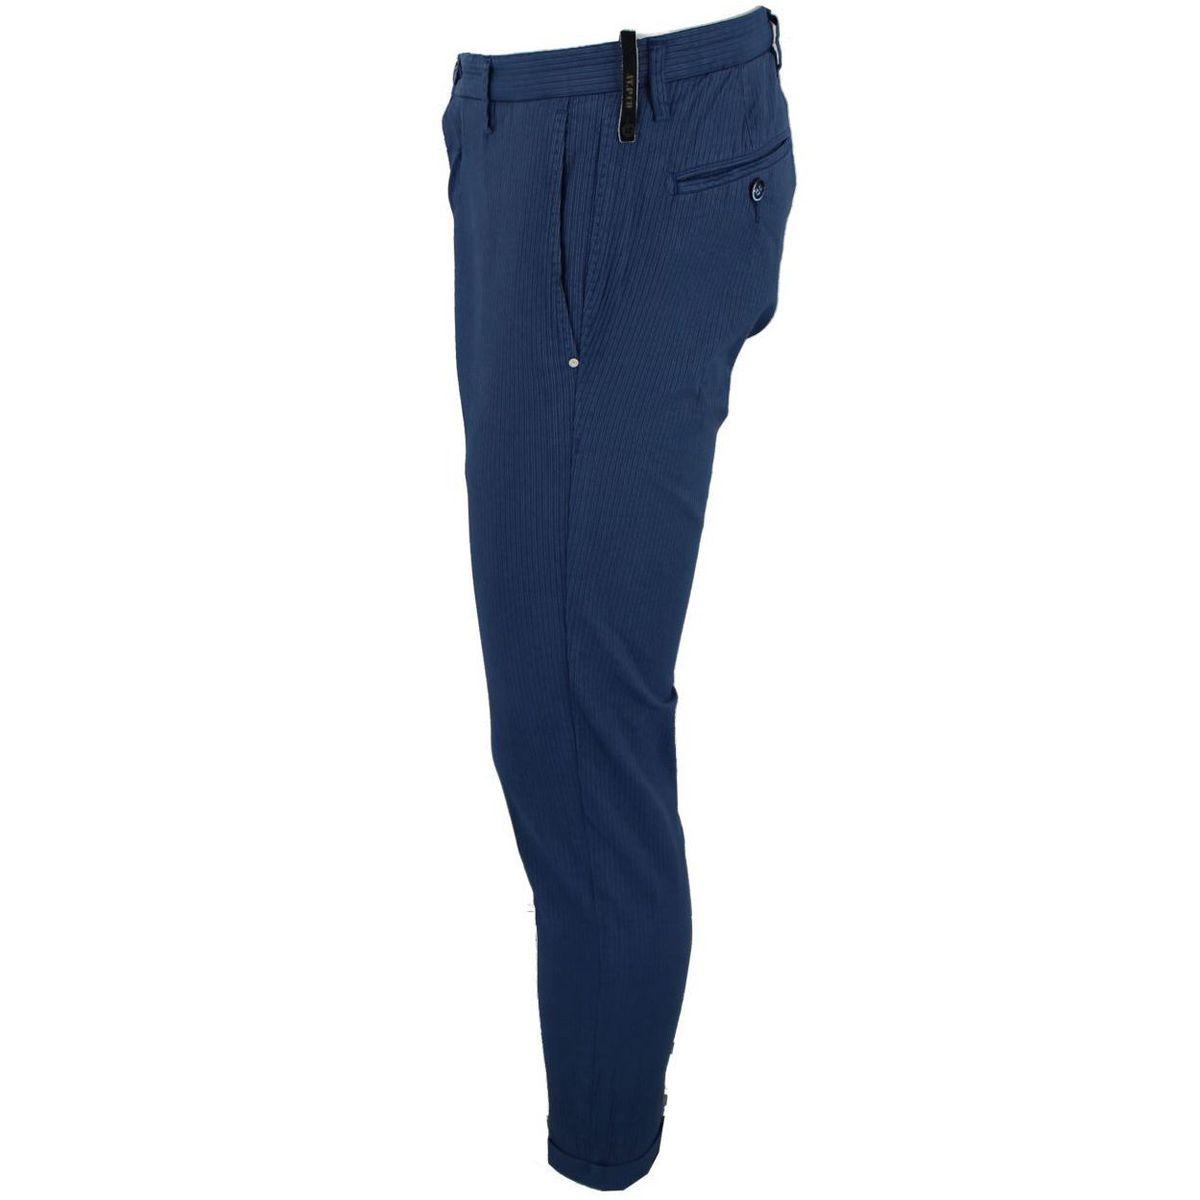 Pantalone in cotone con logo Blue At.p.co